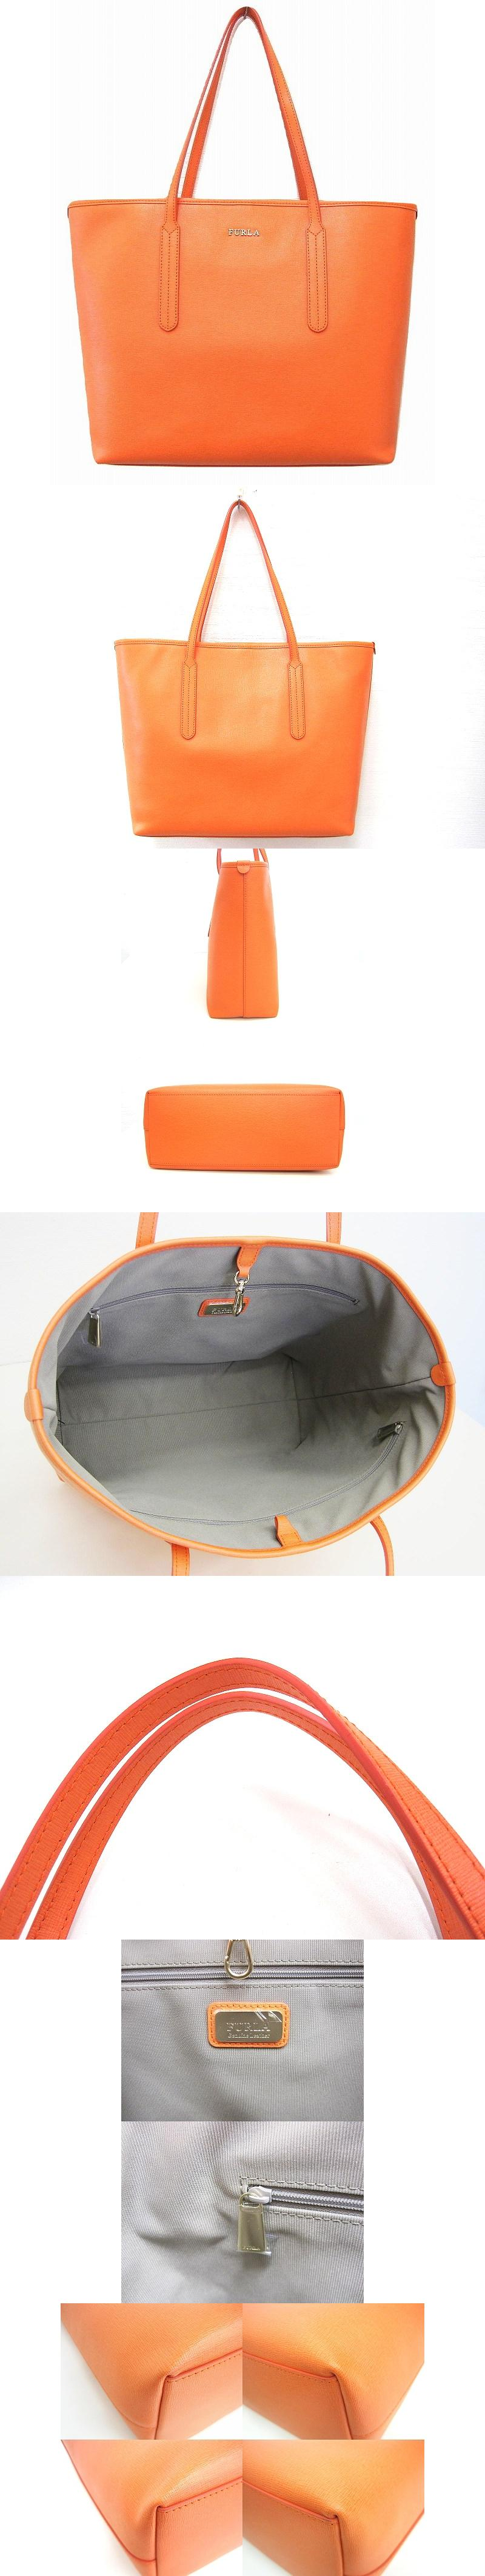 トートバッグ オレンジ かばん ショルダー レザー 大きめ 極美品